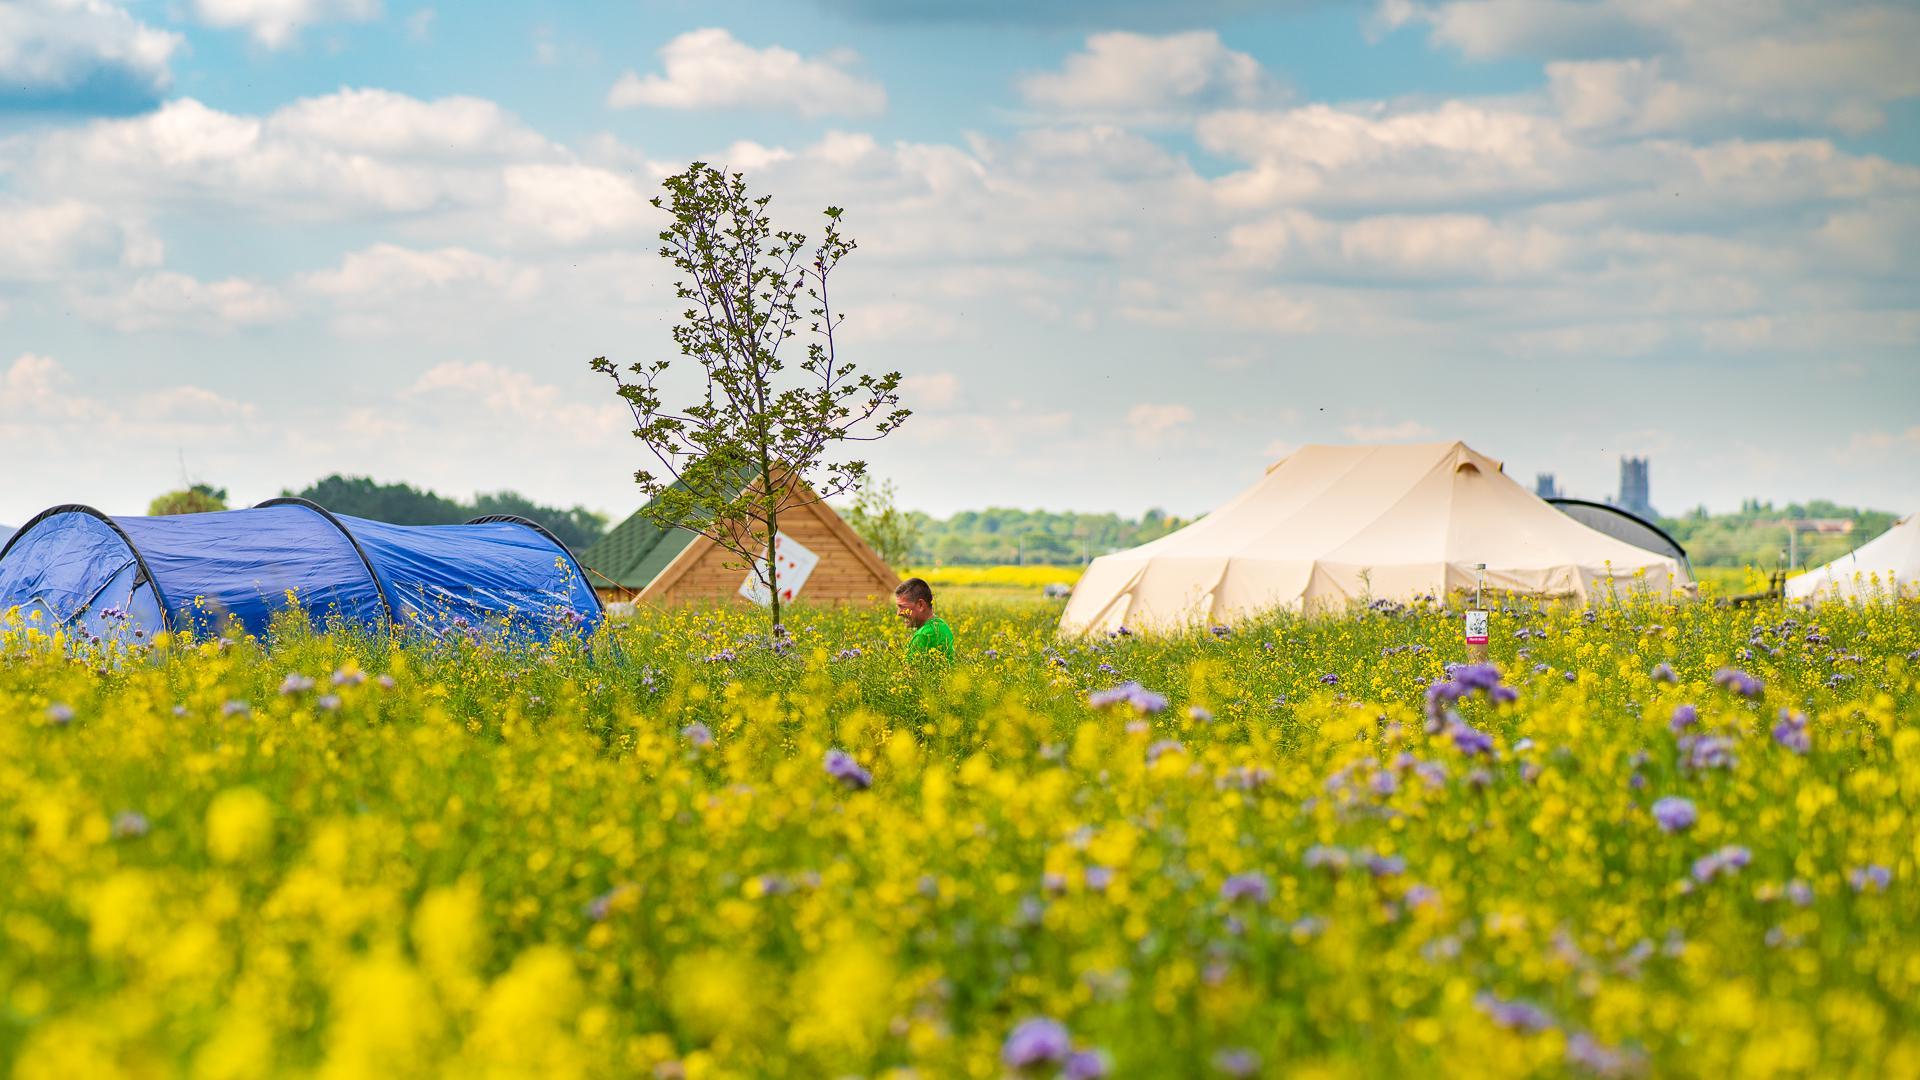 Campsites in Ely – I Love This Campsite